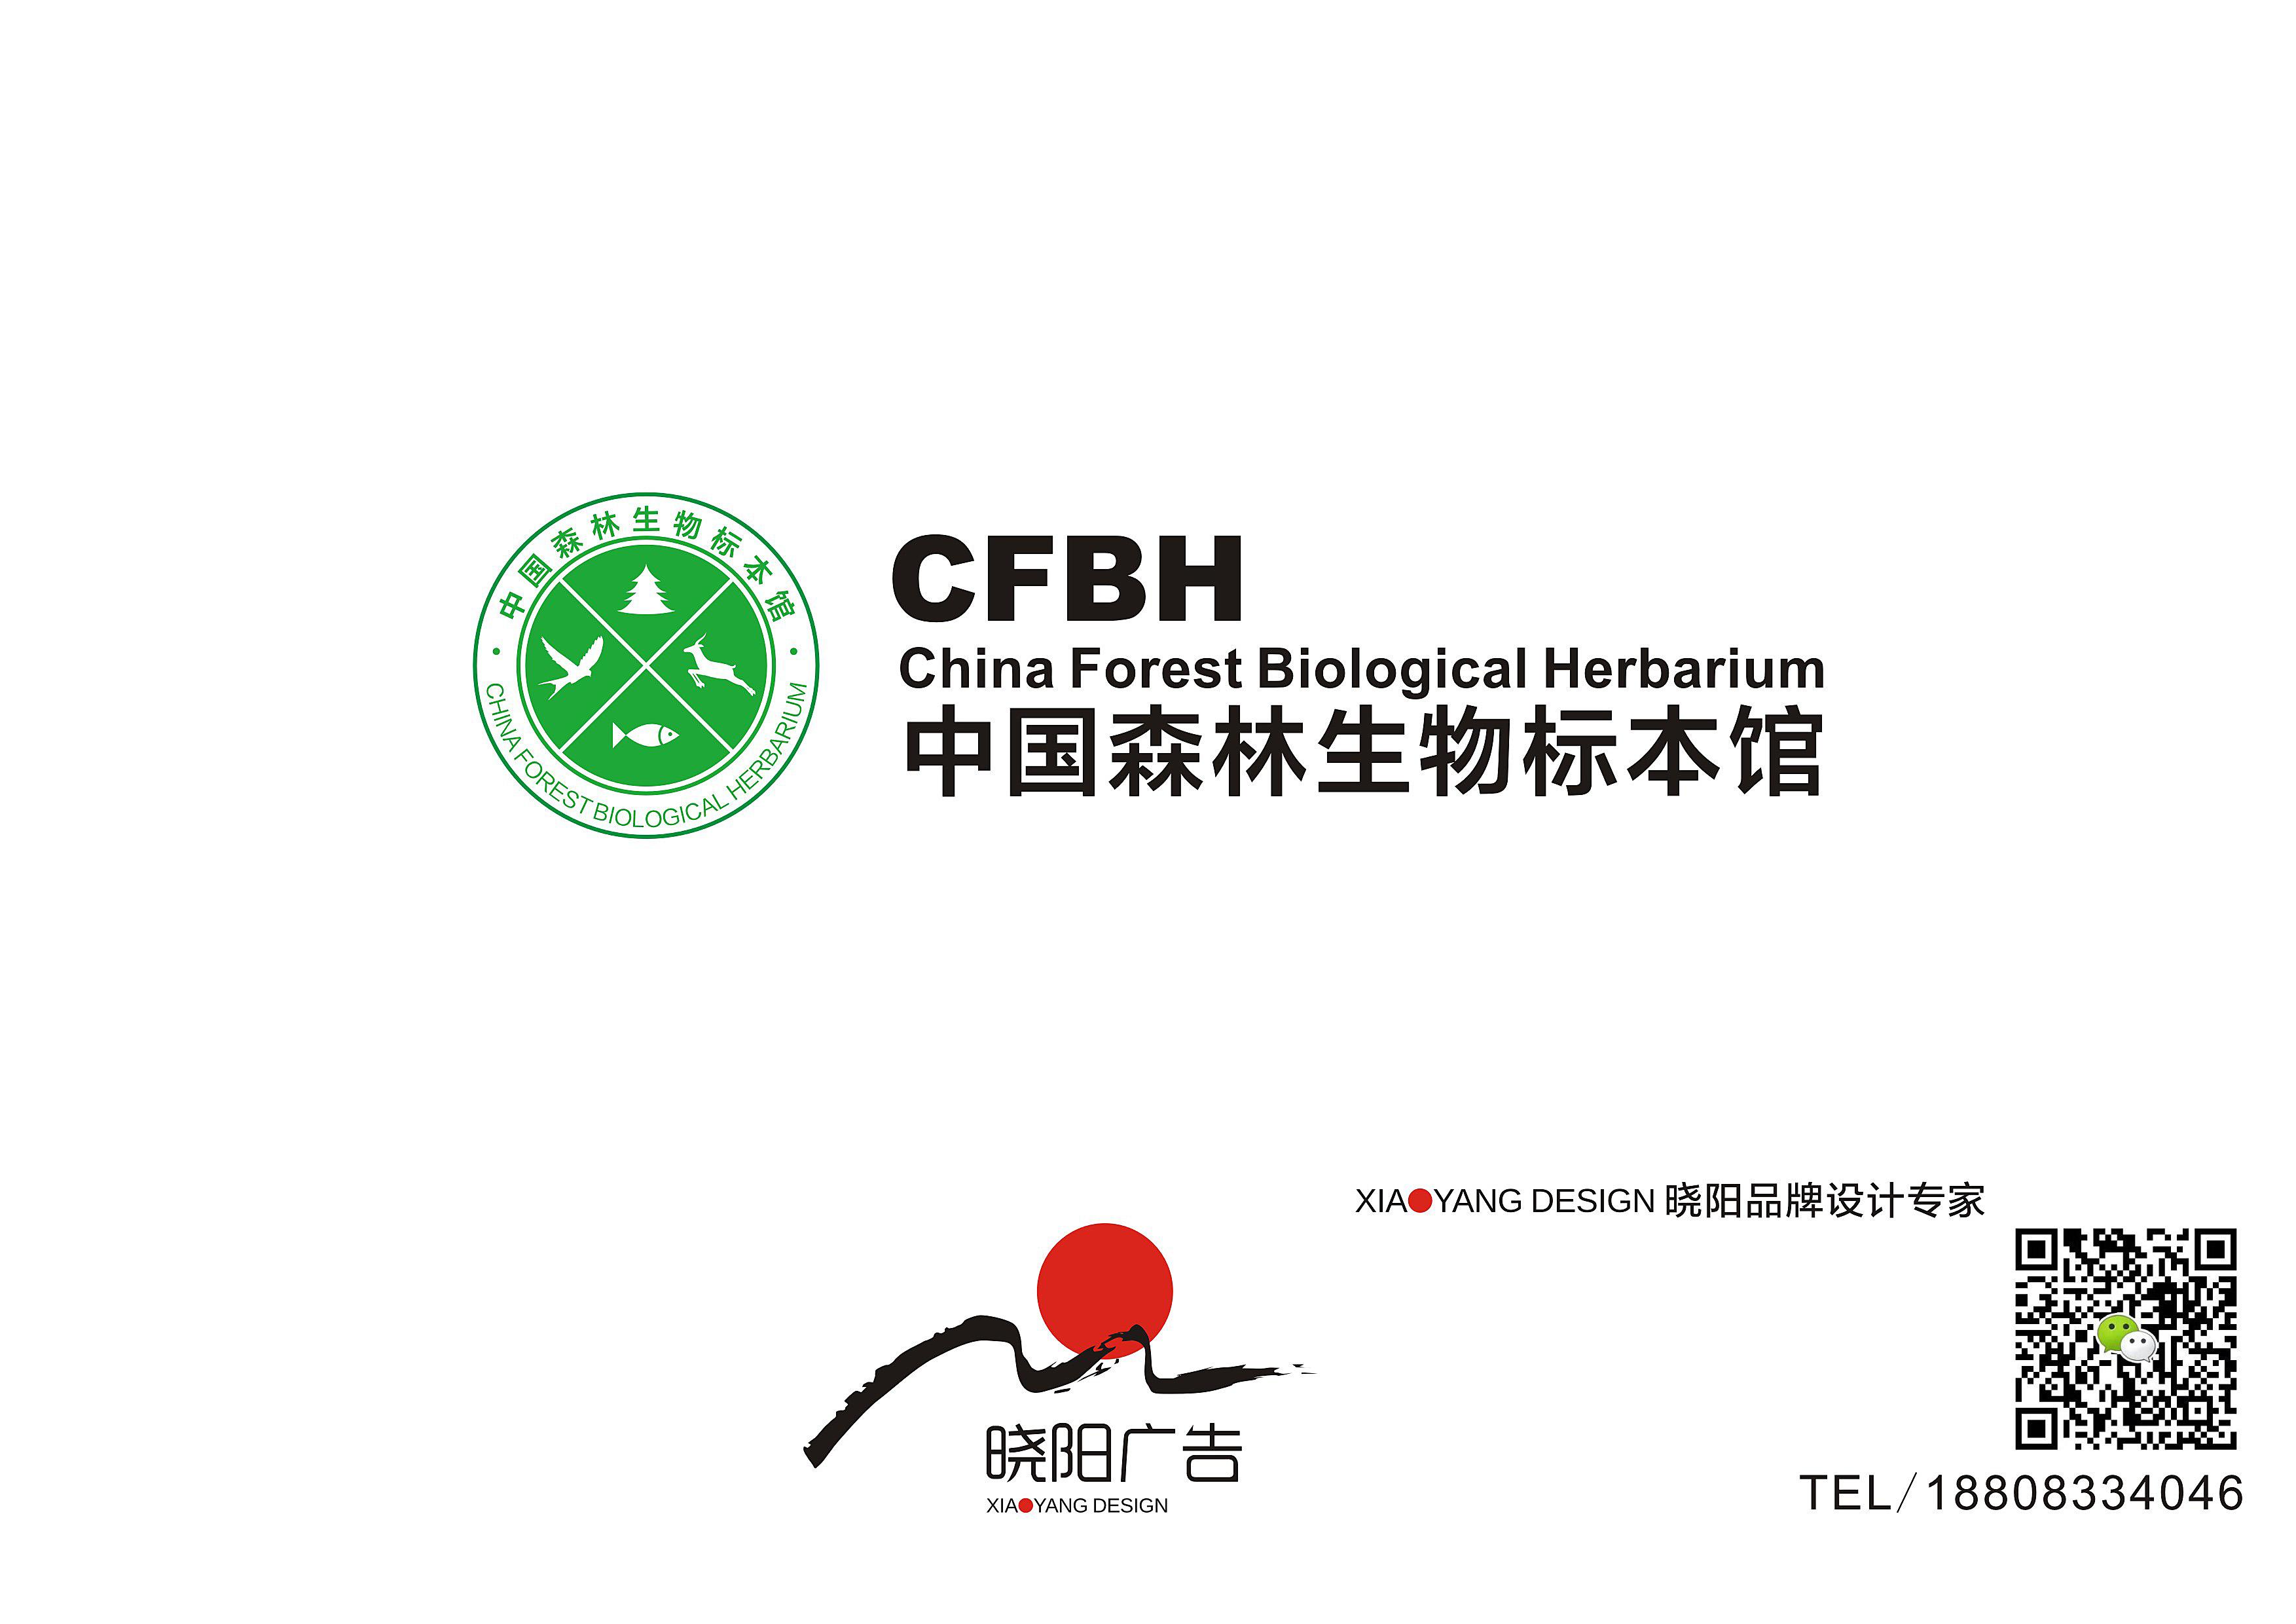 某生物博物馆logo设计_3018240_k68威客网